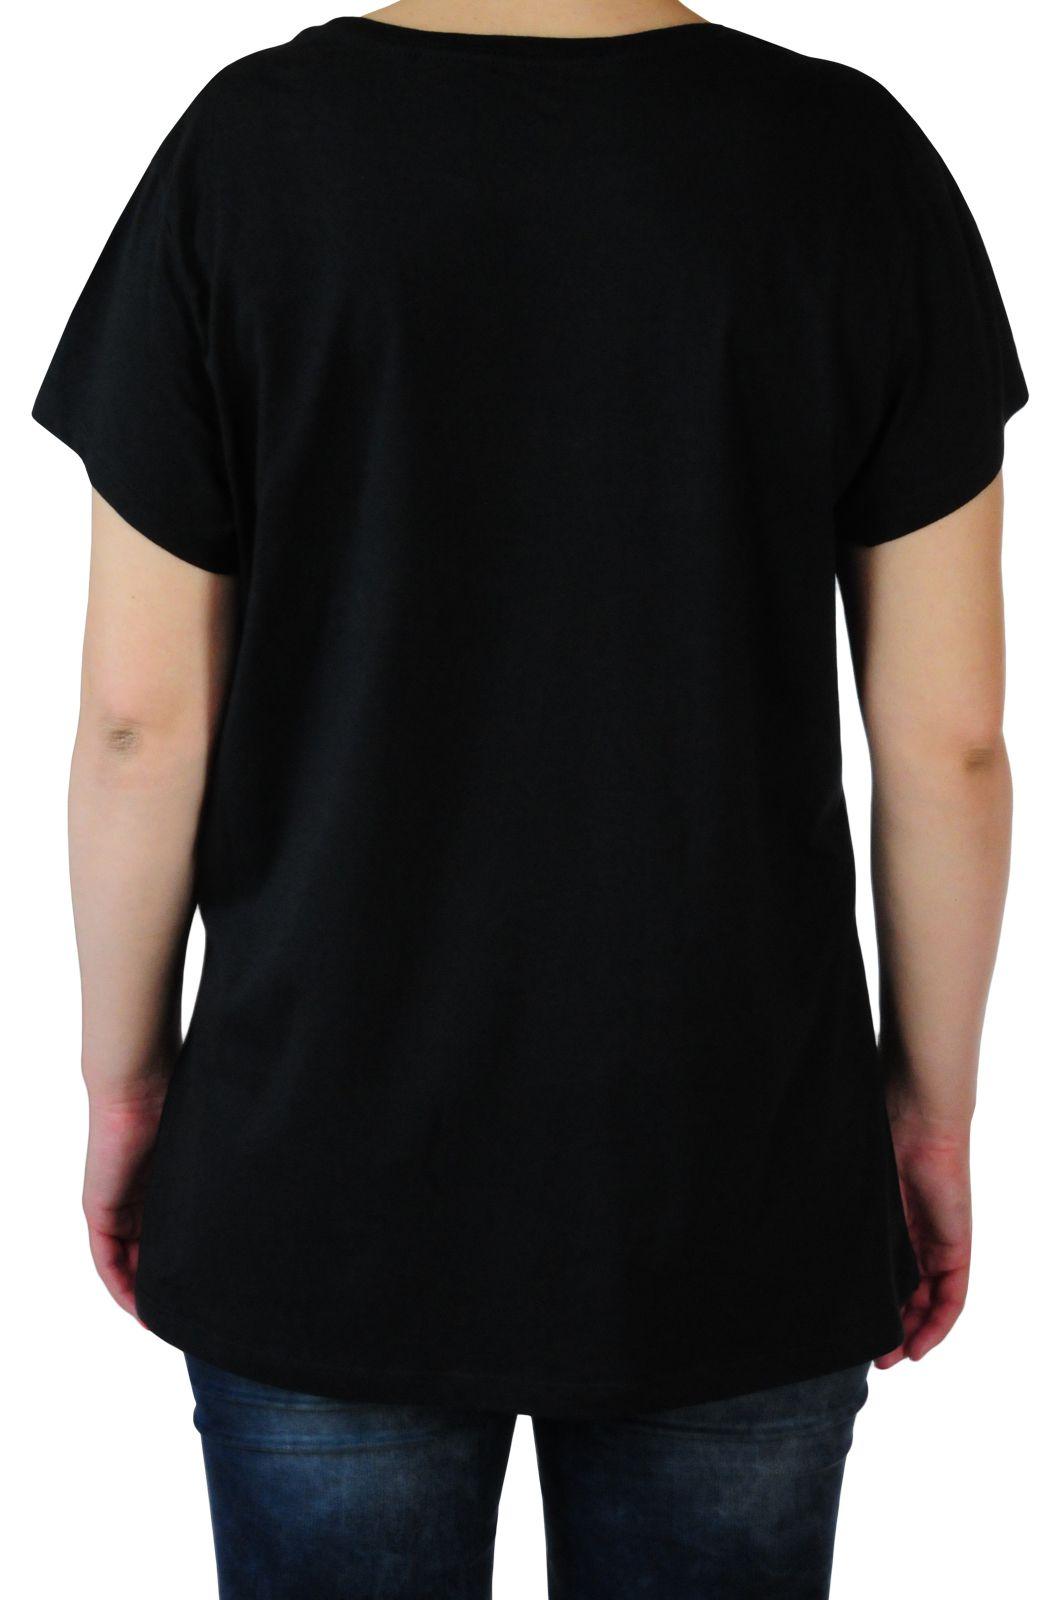 Легкая свободная футболка от Disney® (США) - вид сзади